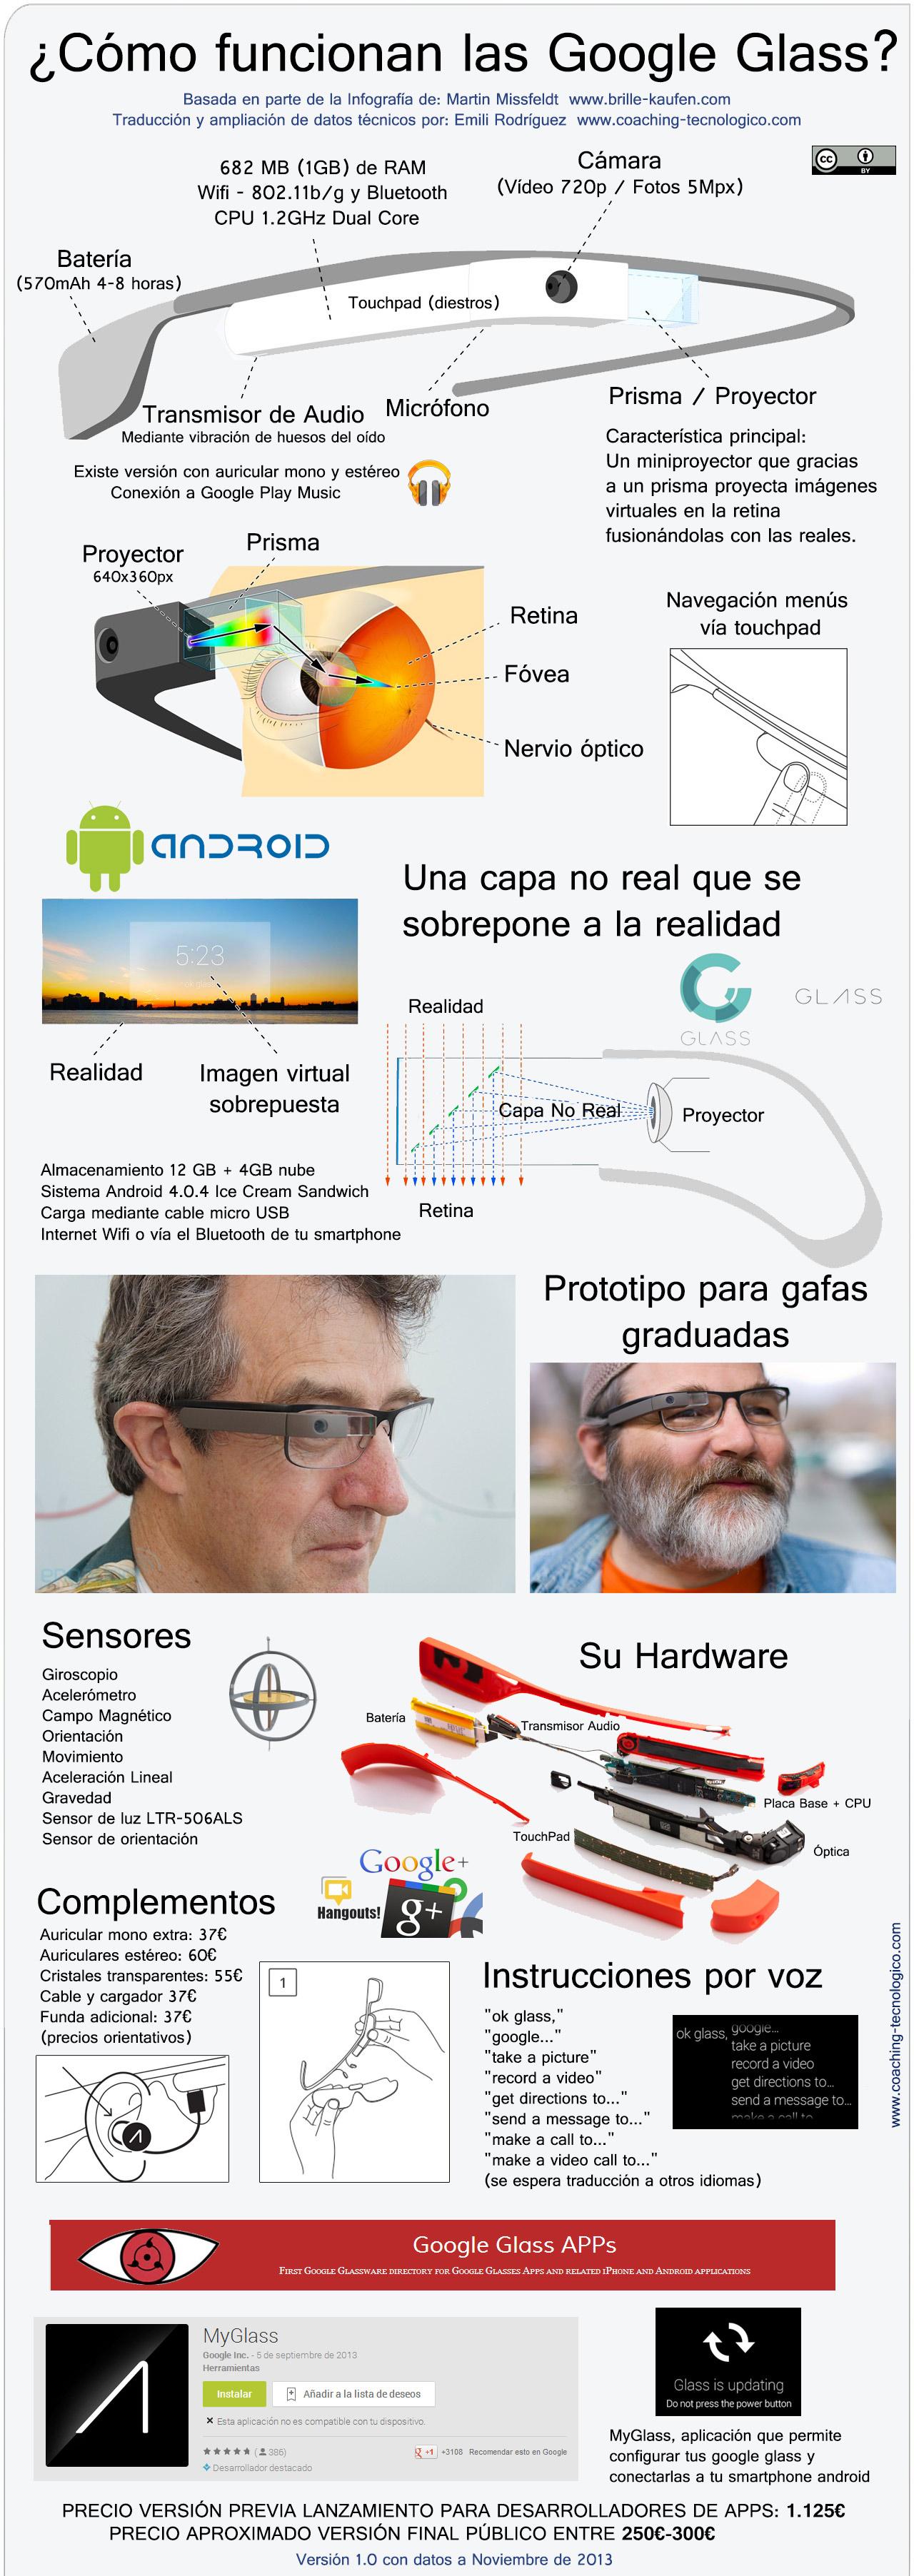 Infografía Google Glass en Español